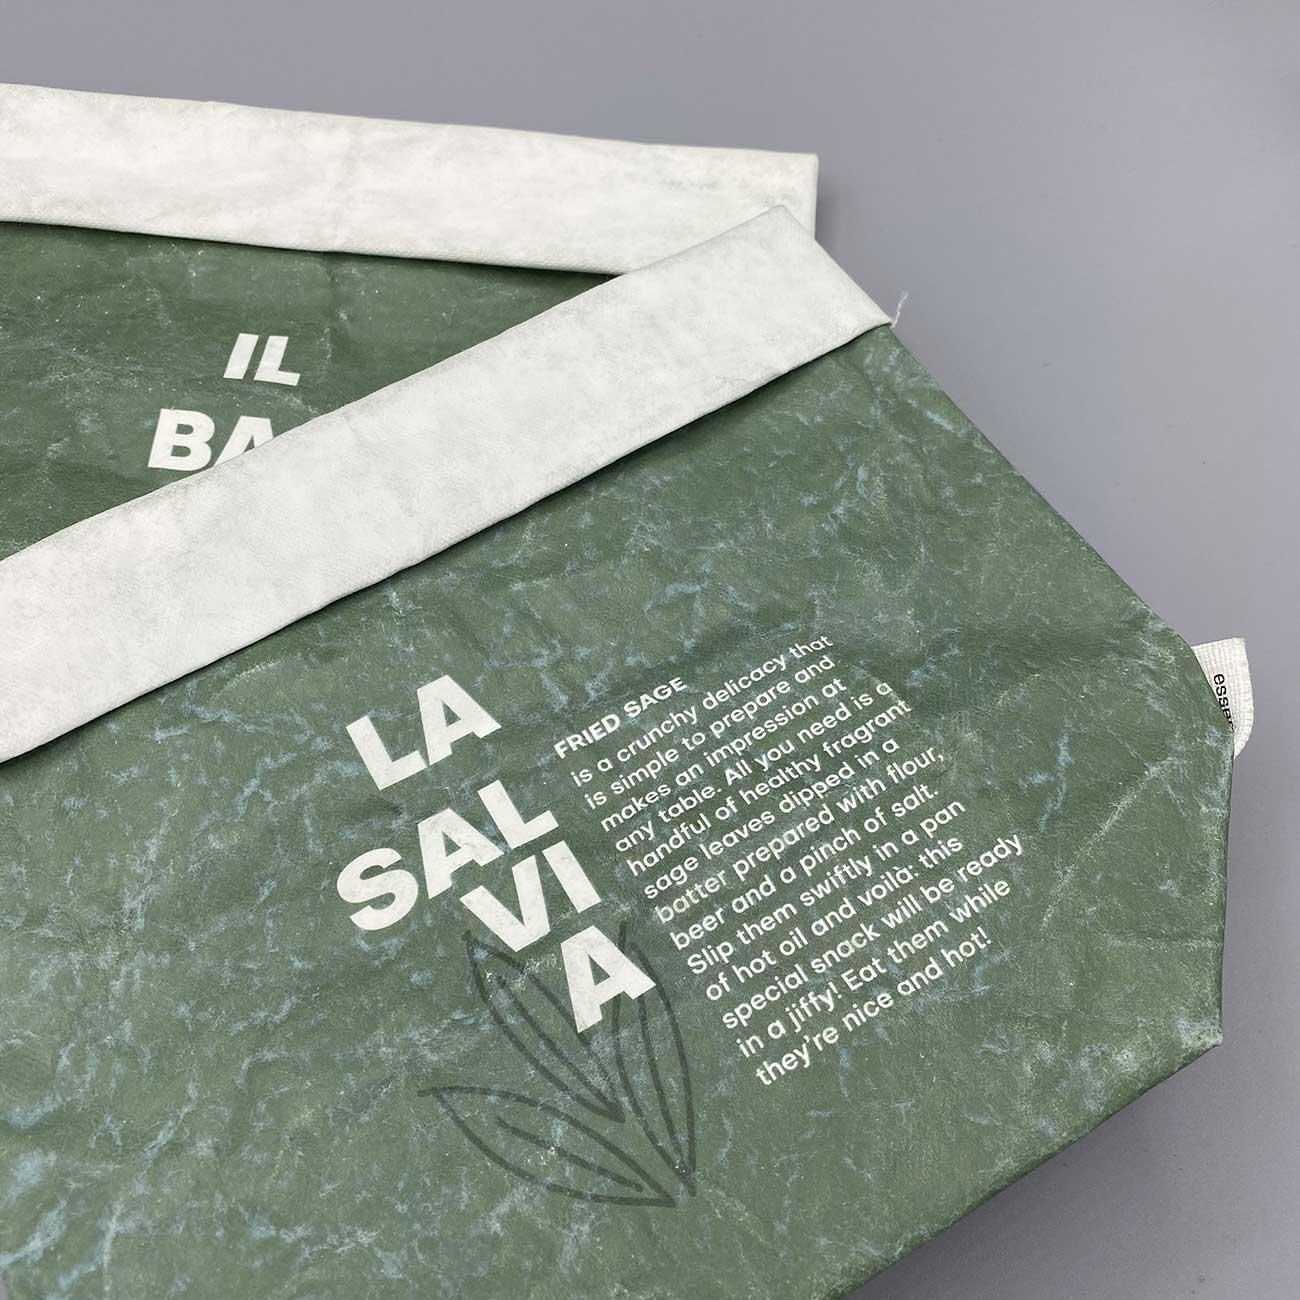 Green Sacchetti Essènt'ial - Prodotti, Progetto Undici